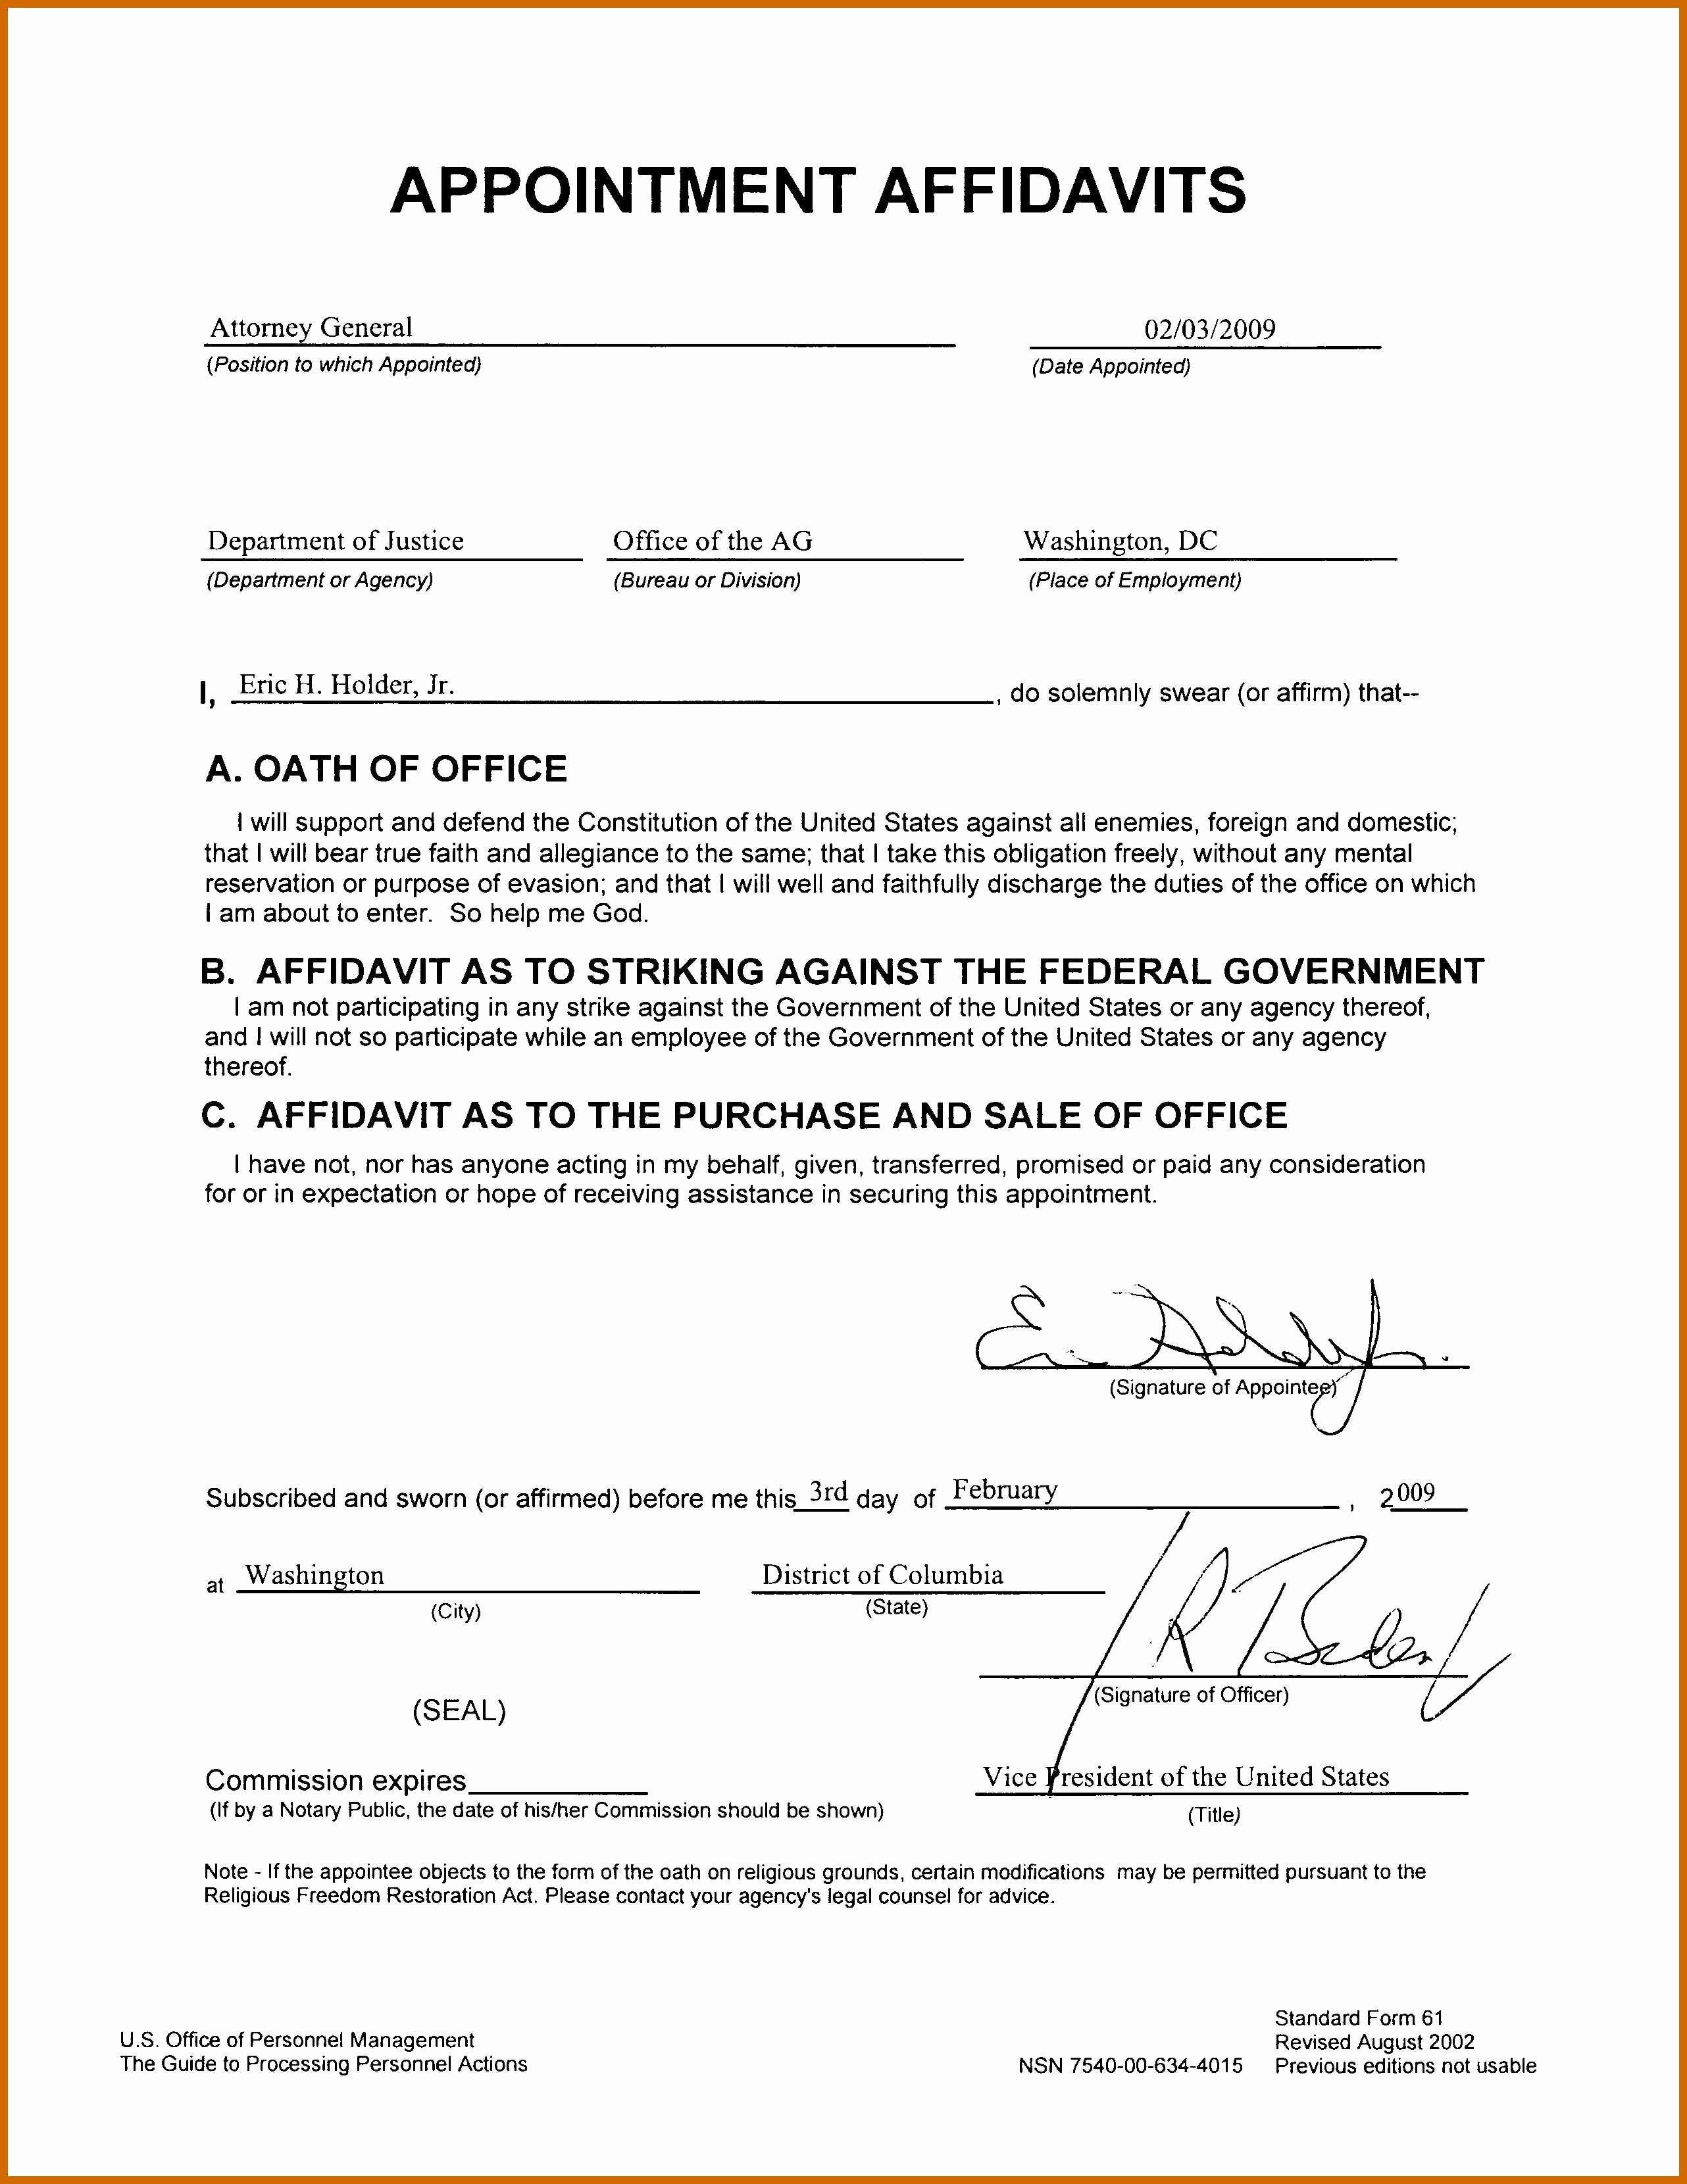 Letter Of Affidavit Of Support Elegant 3 4 Affidavit Sample Letter